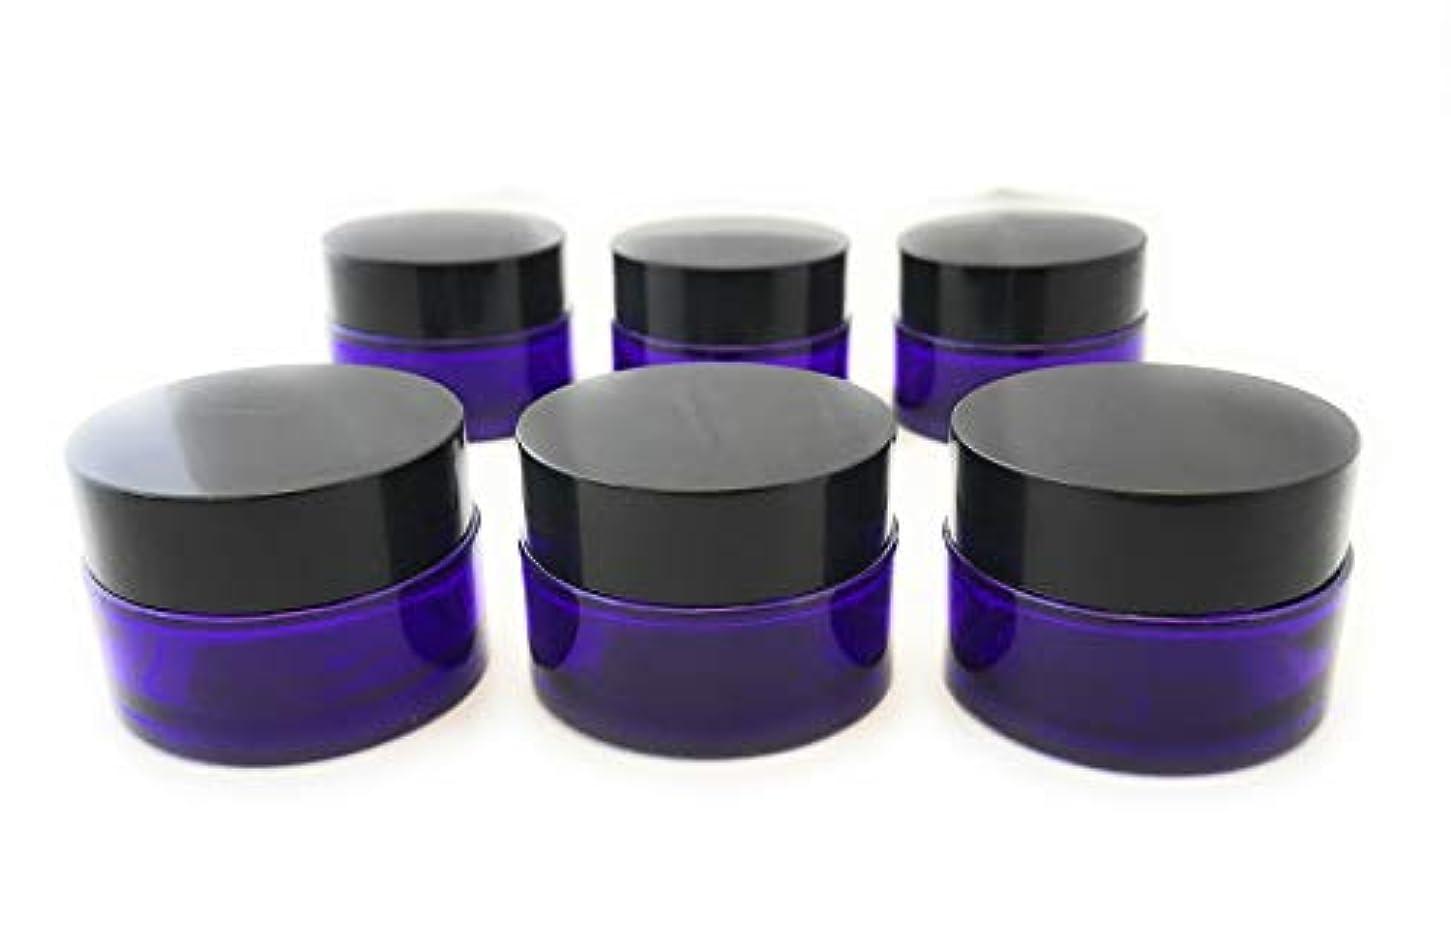 成分平行容赦ない(m-stone)ハンドクリーム 容器 遮光 ジャー 6個 セット アロマ 遮光瓶 ガラス 瓶 パープル (50g)